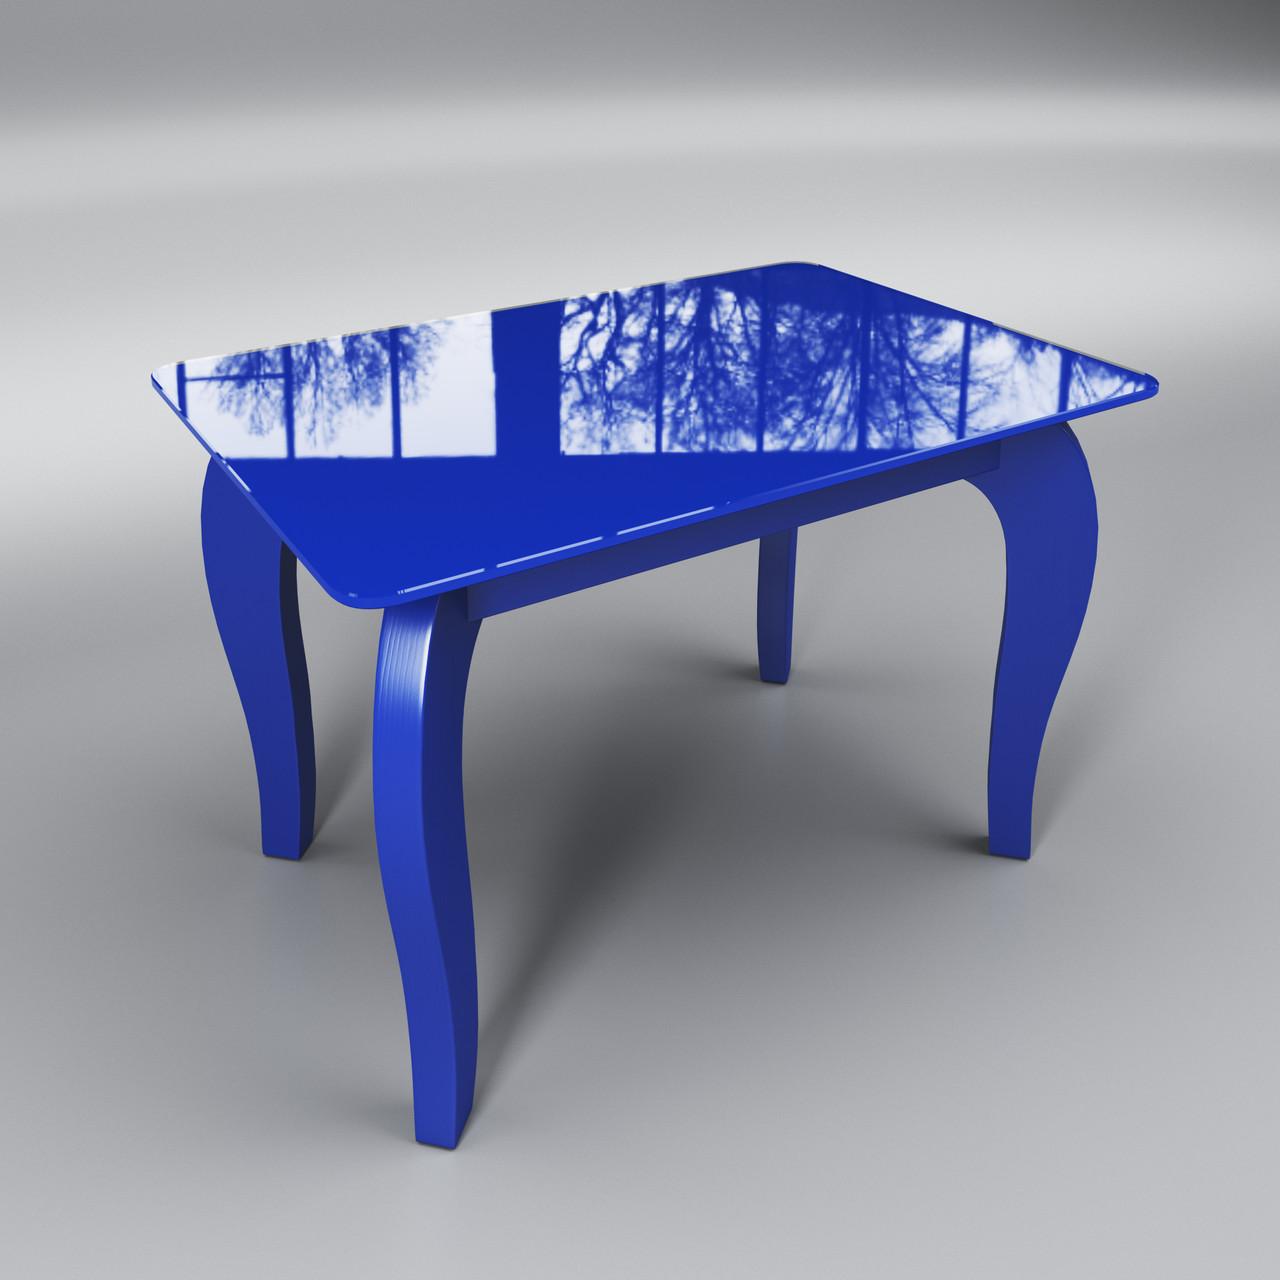 Стеклянный стол Император мини (журнальный) синий